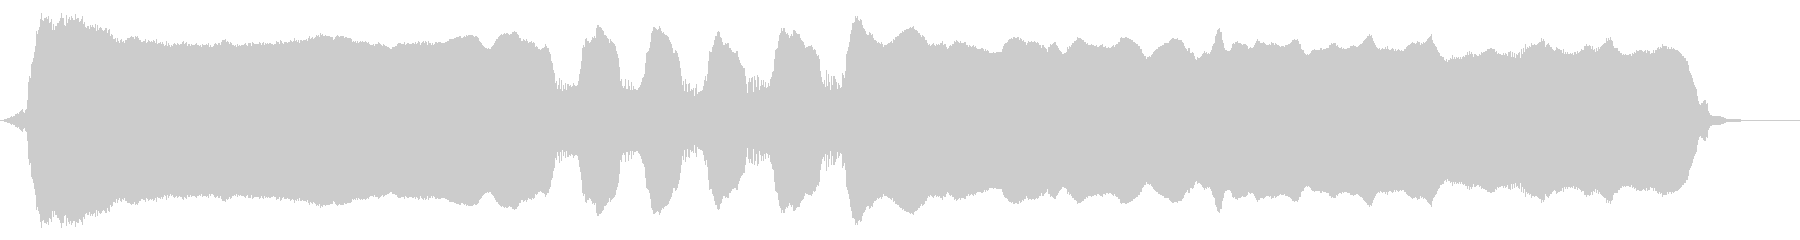 こぶし01(G#)の未再生の波形